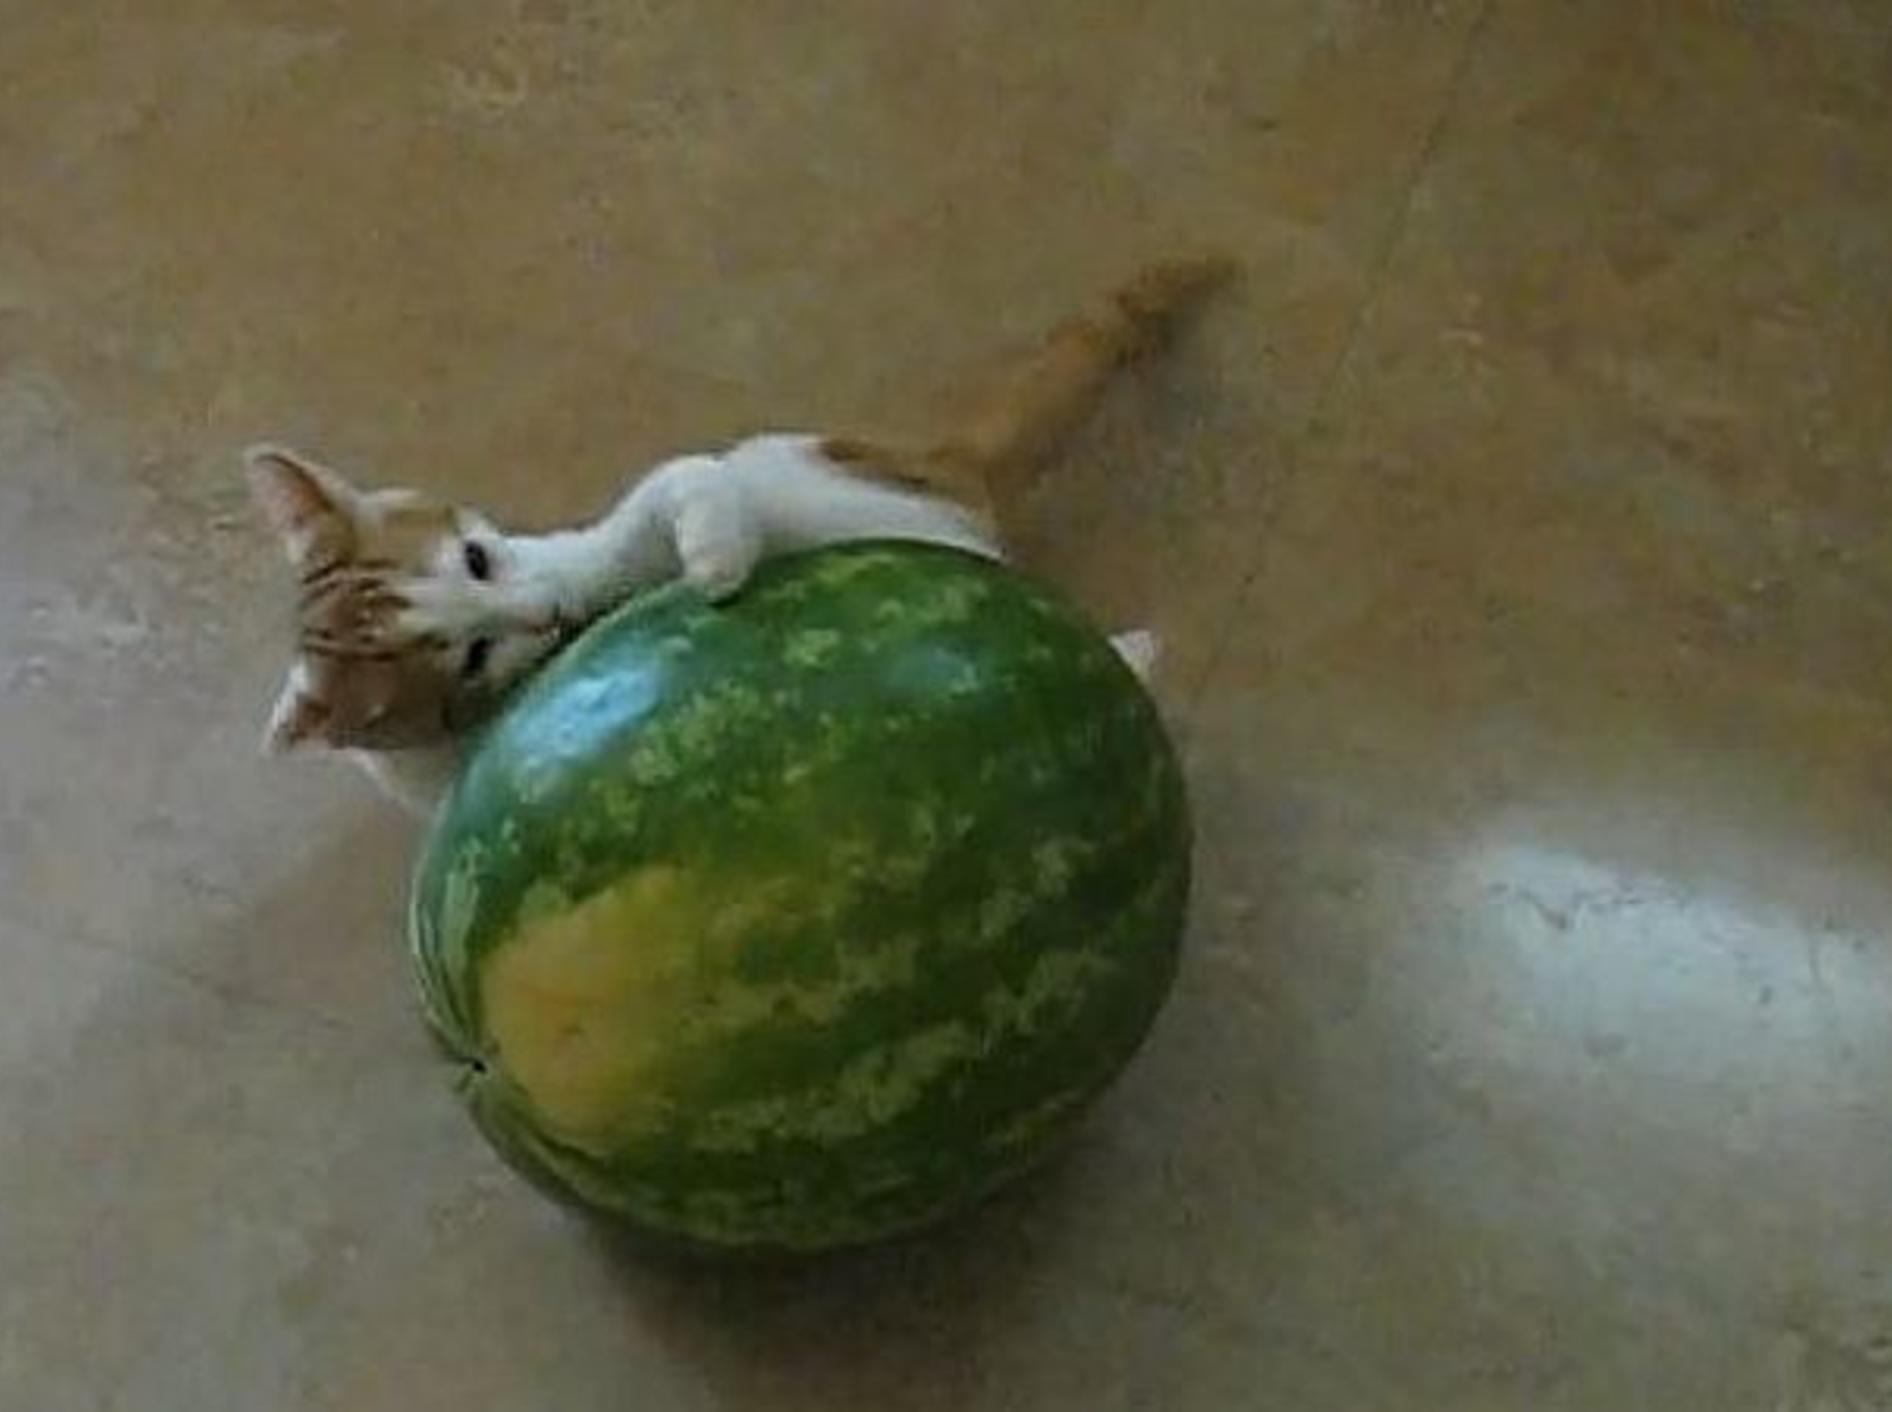 katze-legt-sich-mit-wassermelone-an